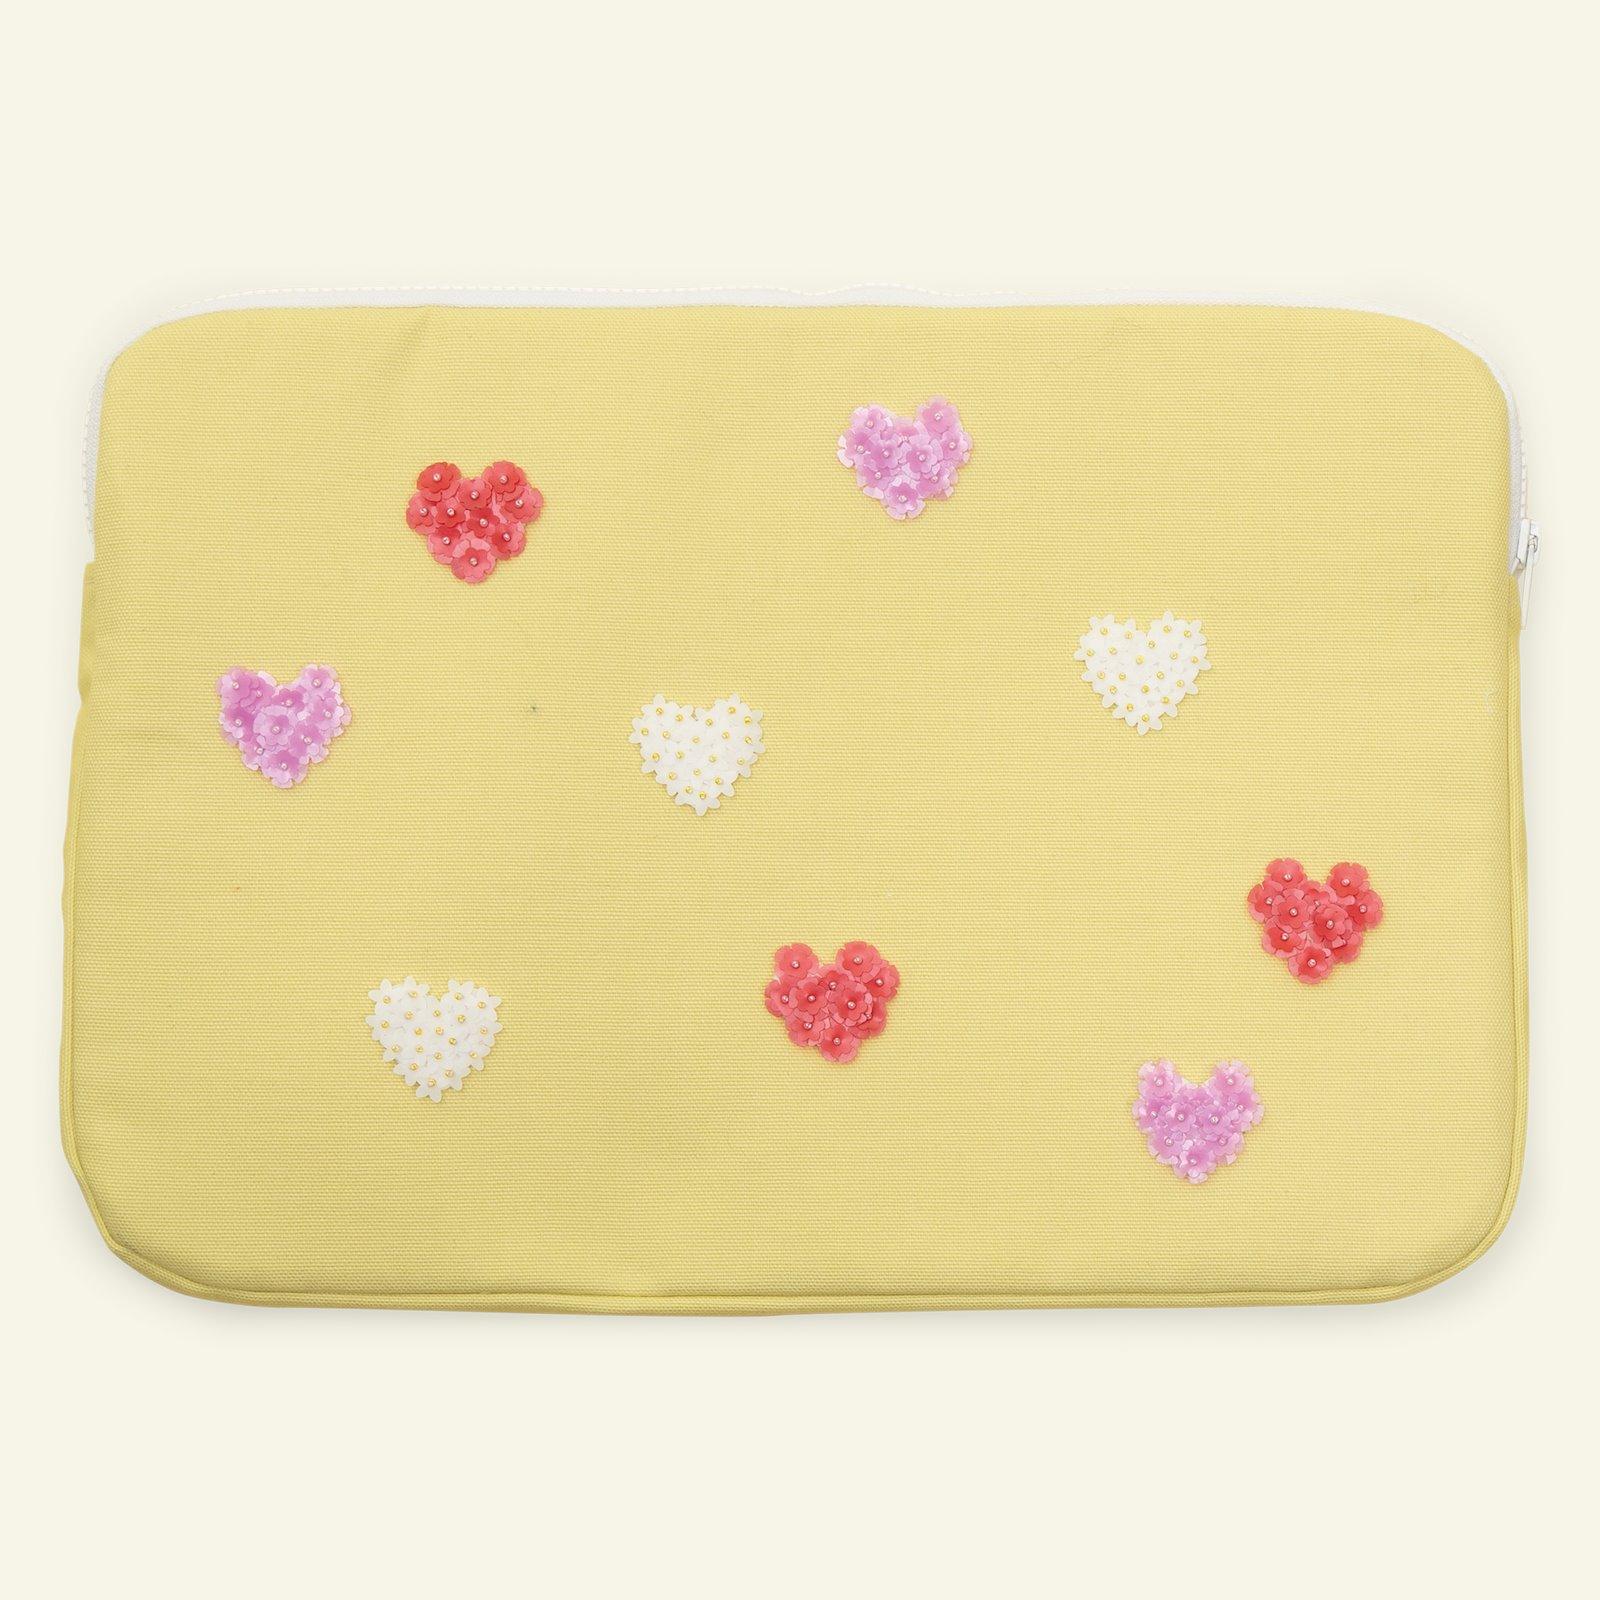 Cotton canvas light lemon p90261_780480_z50101_26506_26507_26508_sskit